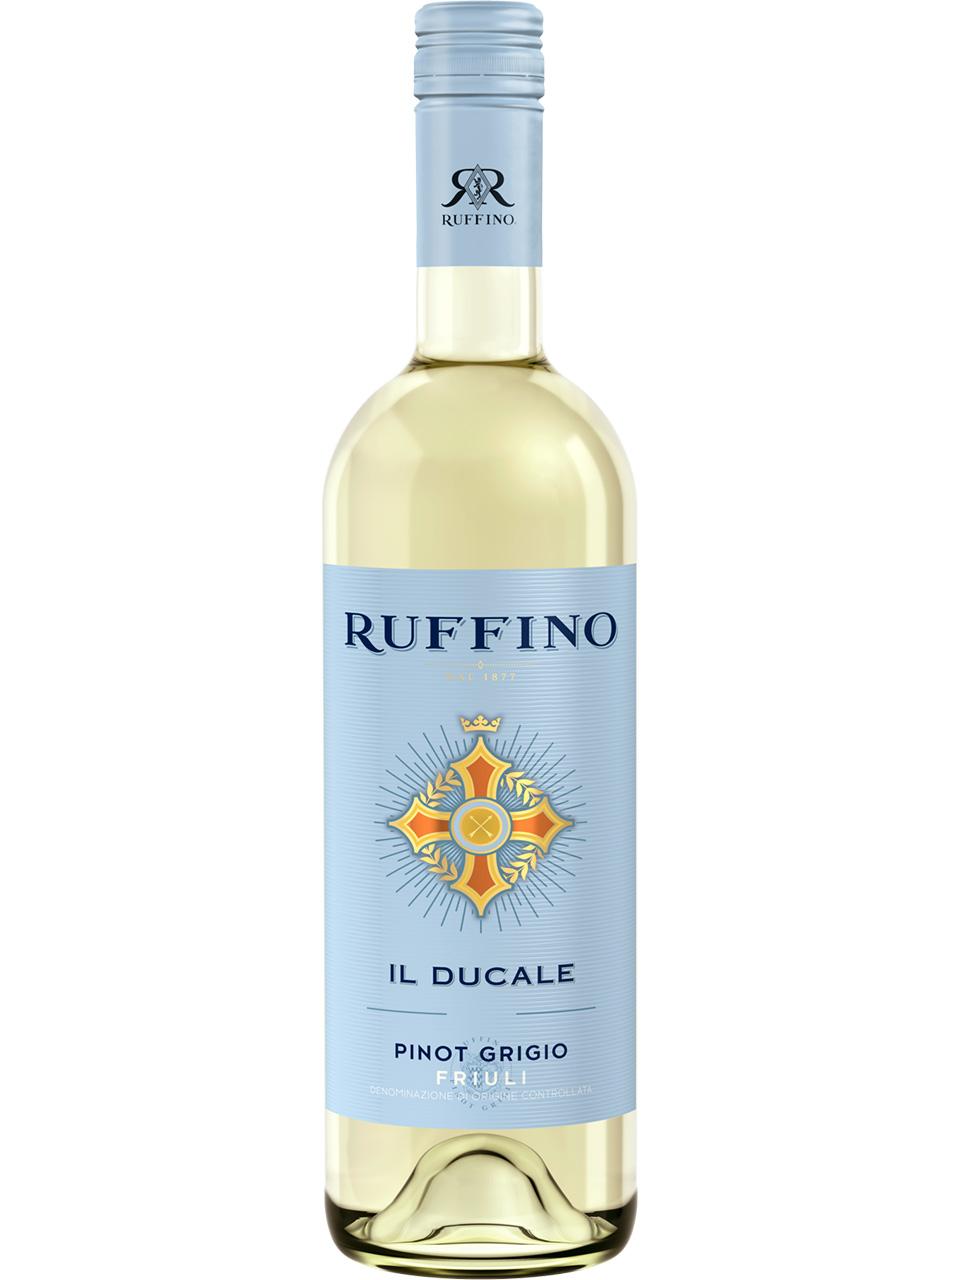 Ruffino IL Ducale Pinot Grigio